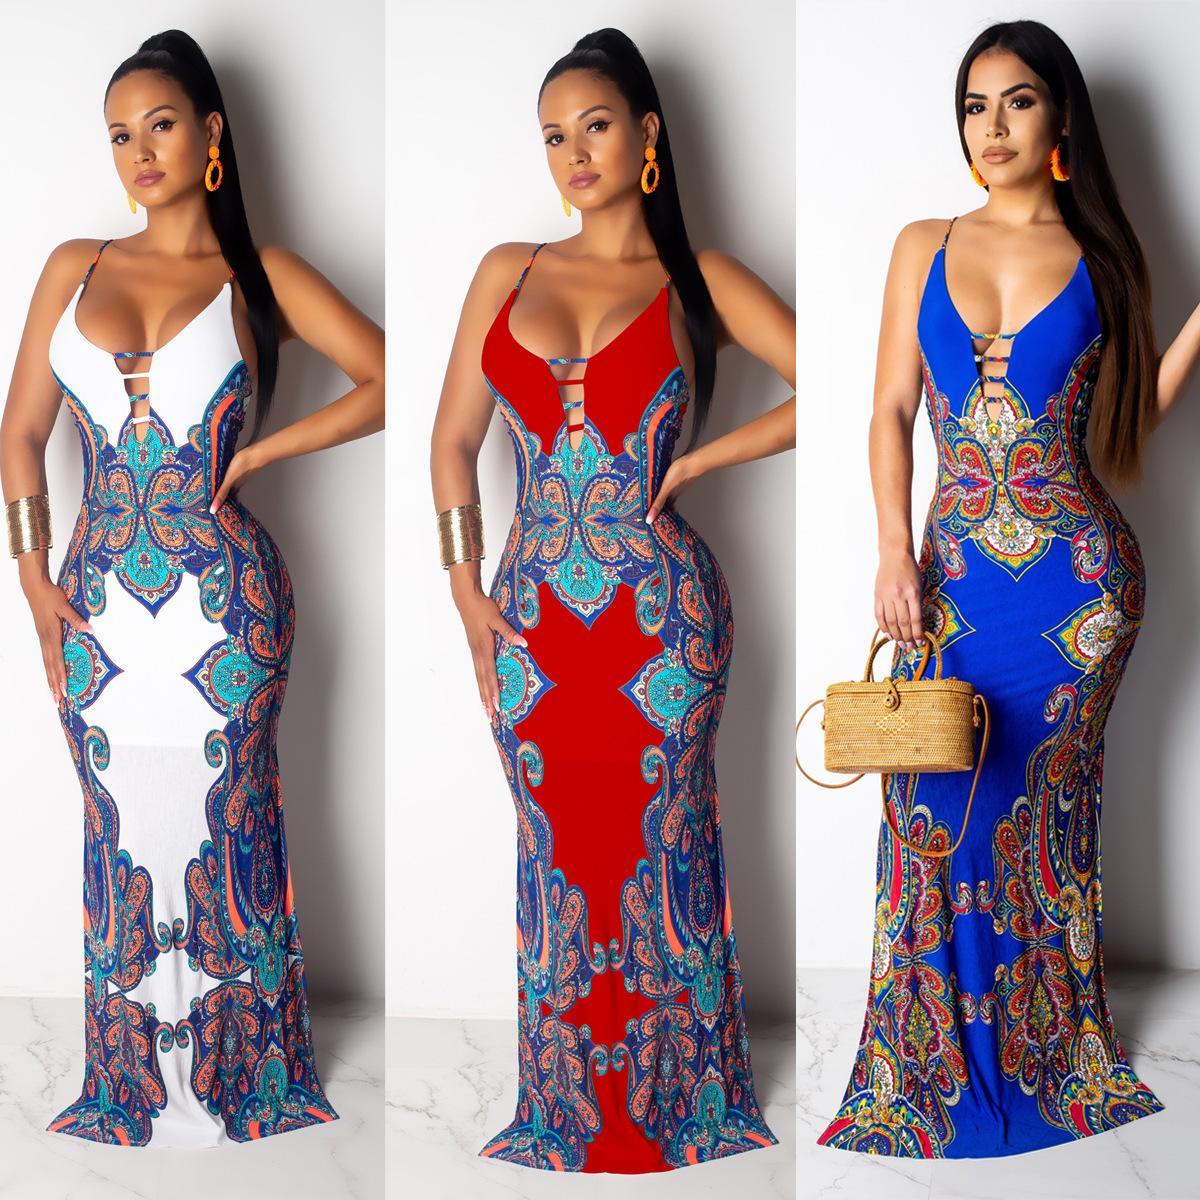 Yaz Kadın Baskılı Elbiseler Moda Ulusal Karakteristik Baskılı İnce Sling Paspas Elbise Yeni Geliş Günlük Elbiseler Boyut S-3XL Womens